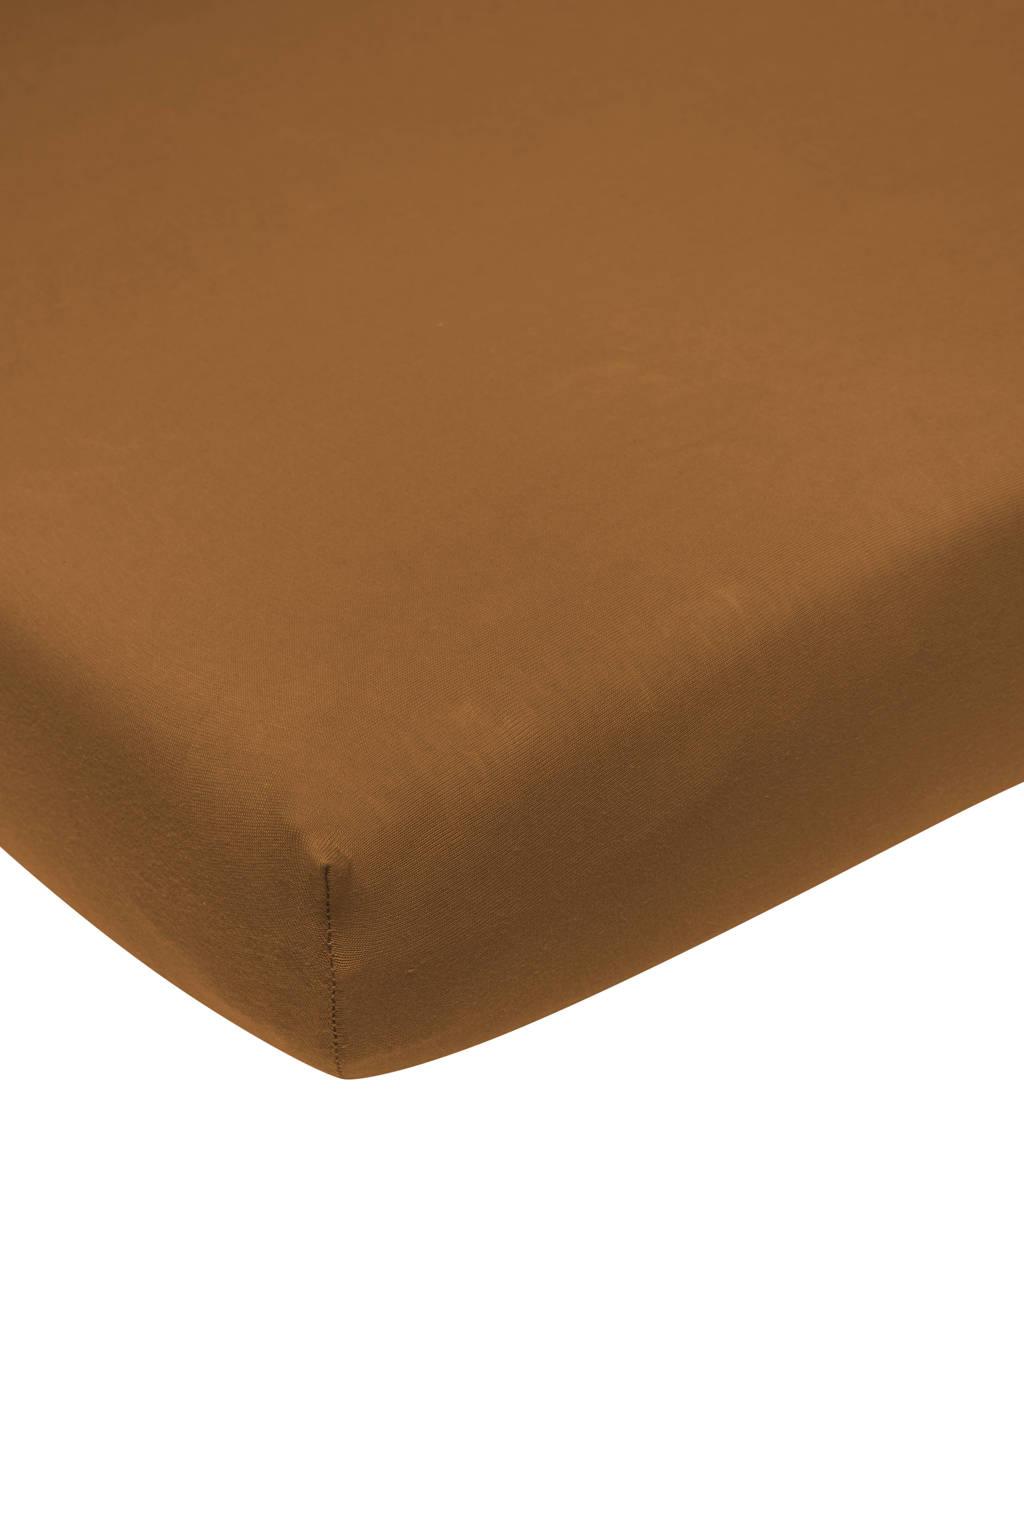 Meyco katoenen jersey hoeslaken wieg 50x90 cm camel Camel